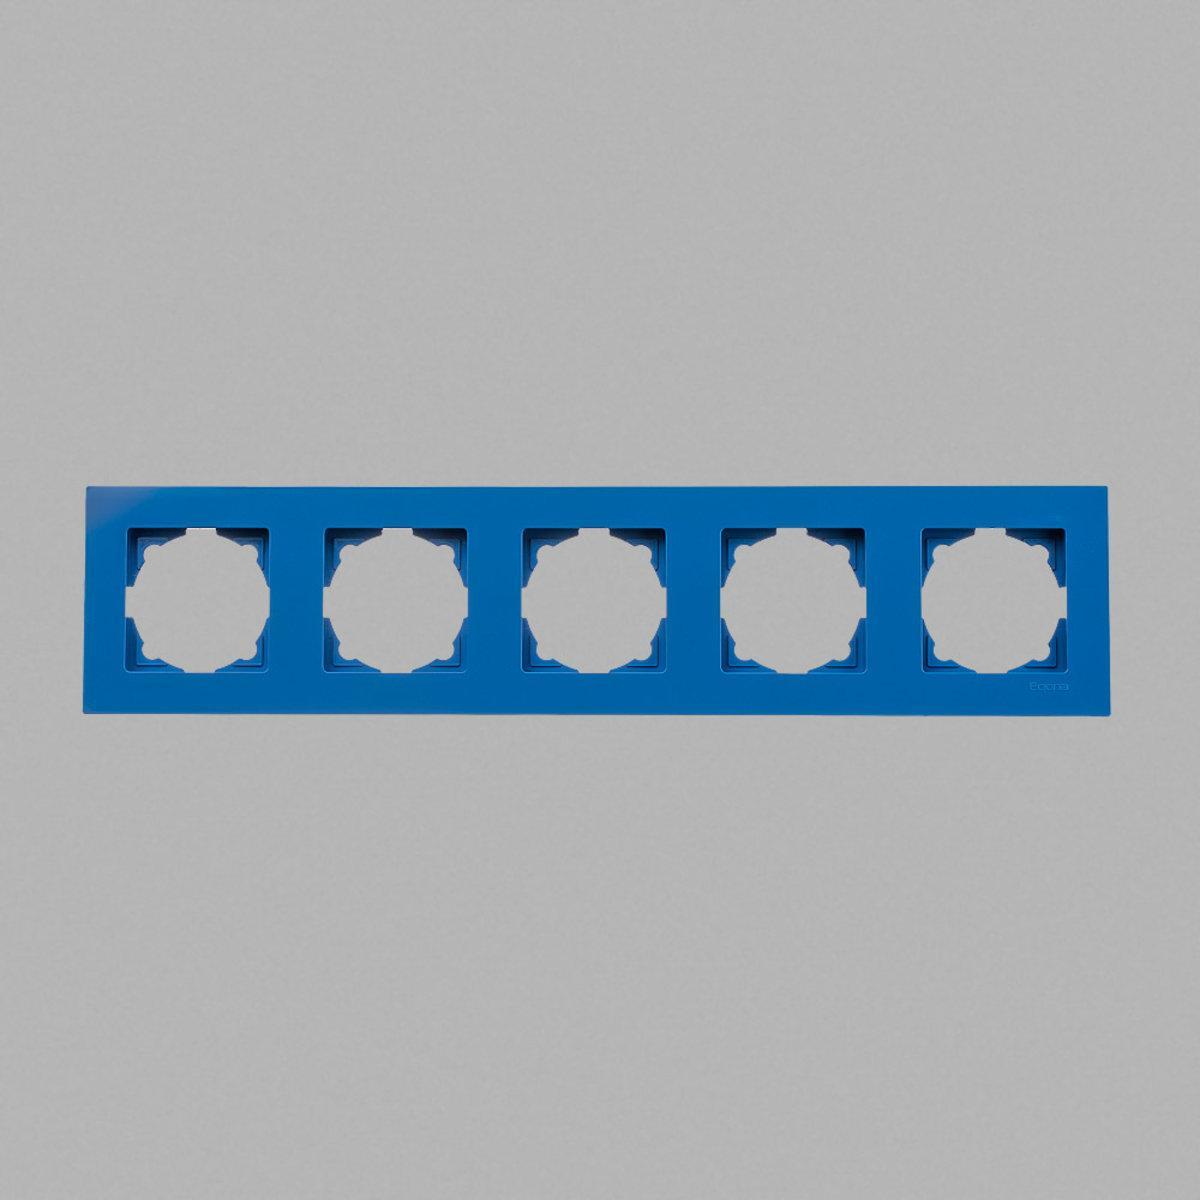 Eqona рамка 5-ая голубая